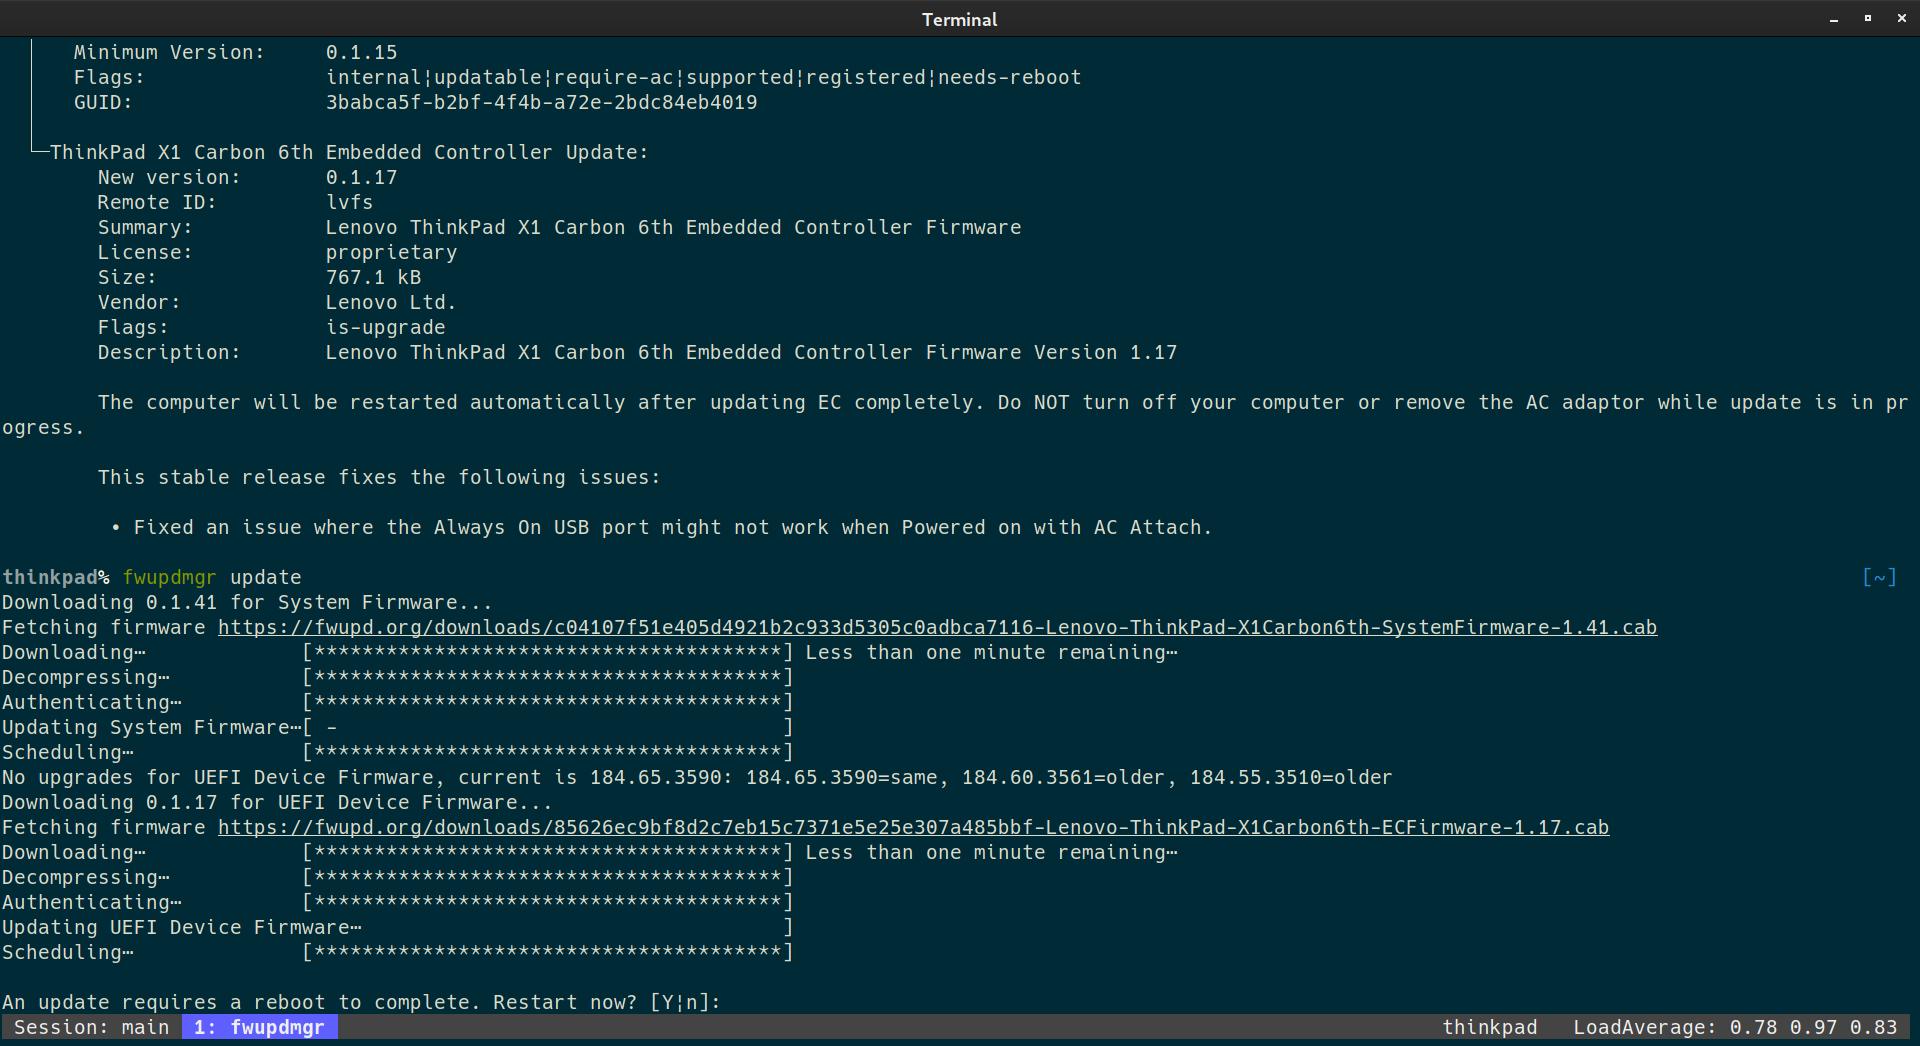 UEFI BIOSをアップデートしている画像